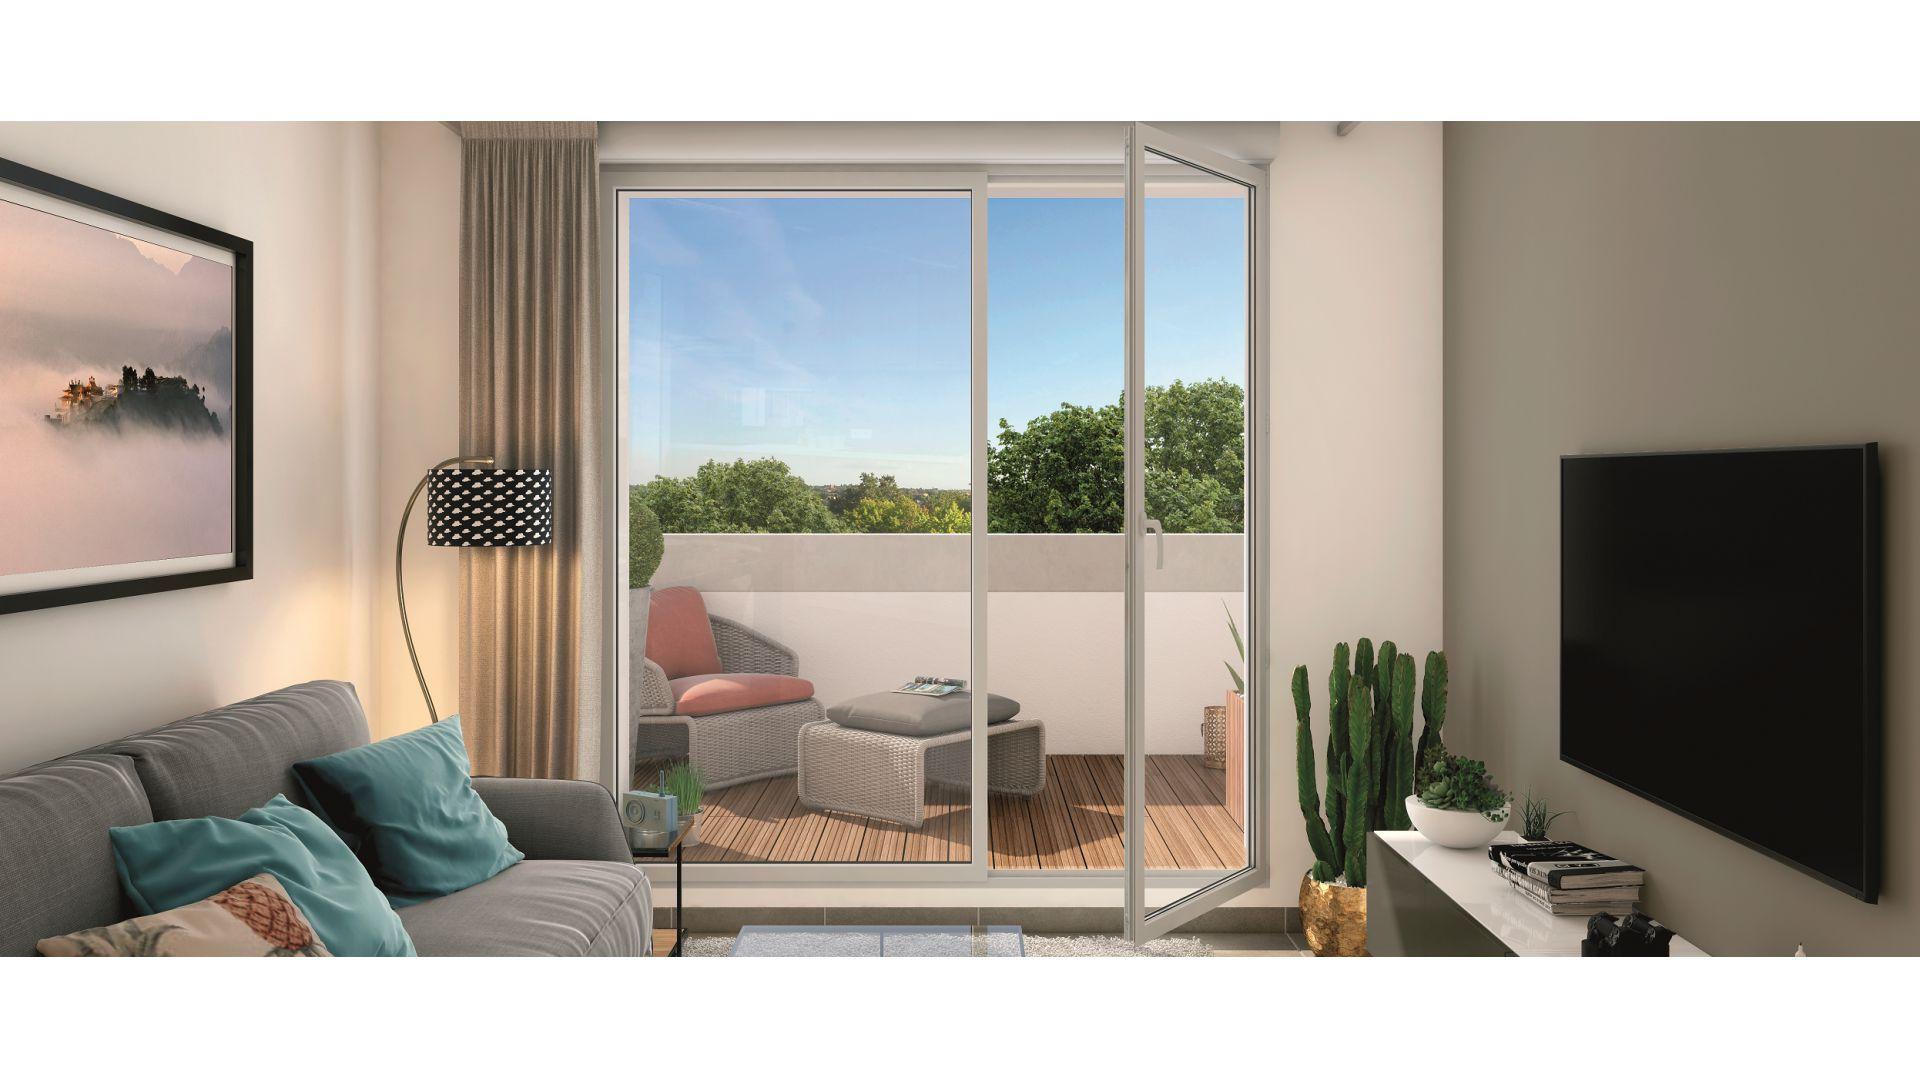 Greencity Immobilier - Résidence Le Soprano - Castanet-Tolosan 31320 - appartements neufs du T1 au T2  - vue terrasse